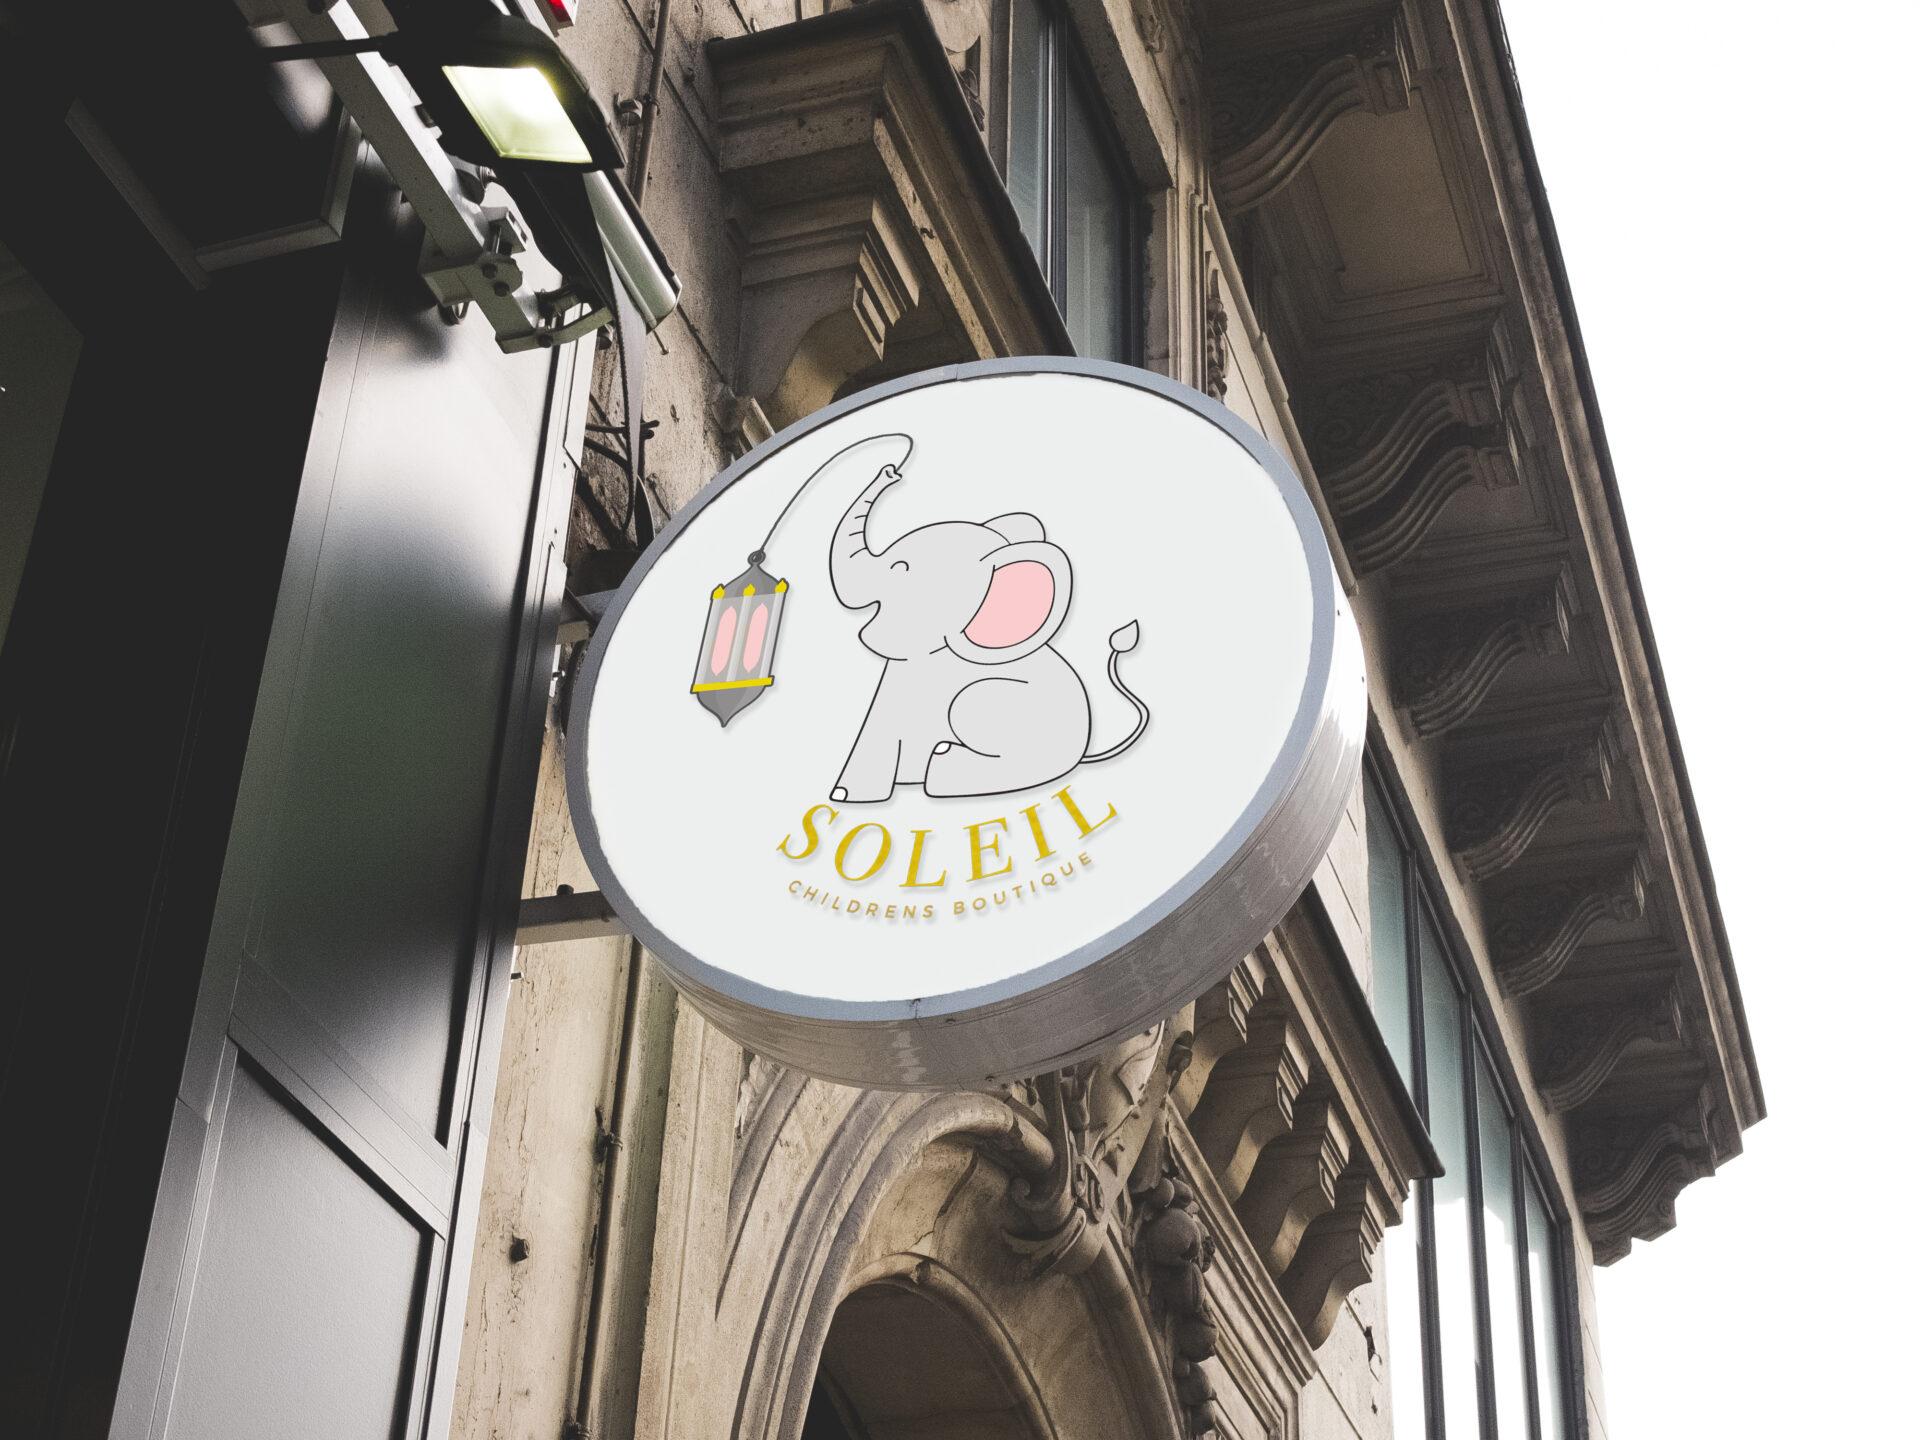 Soleil Children Boutique